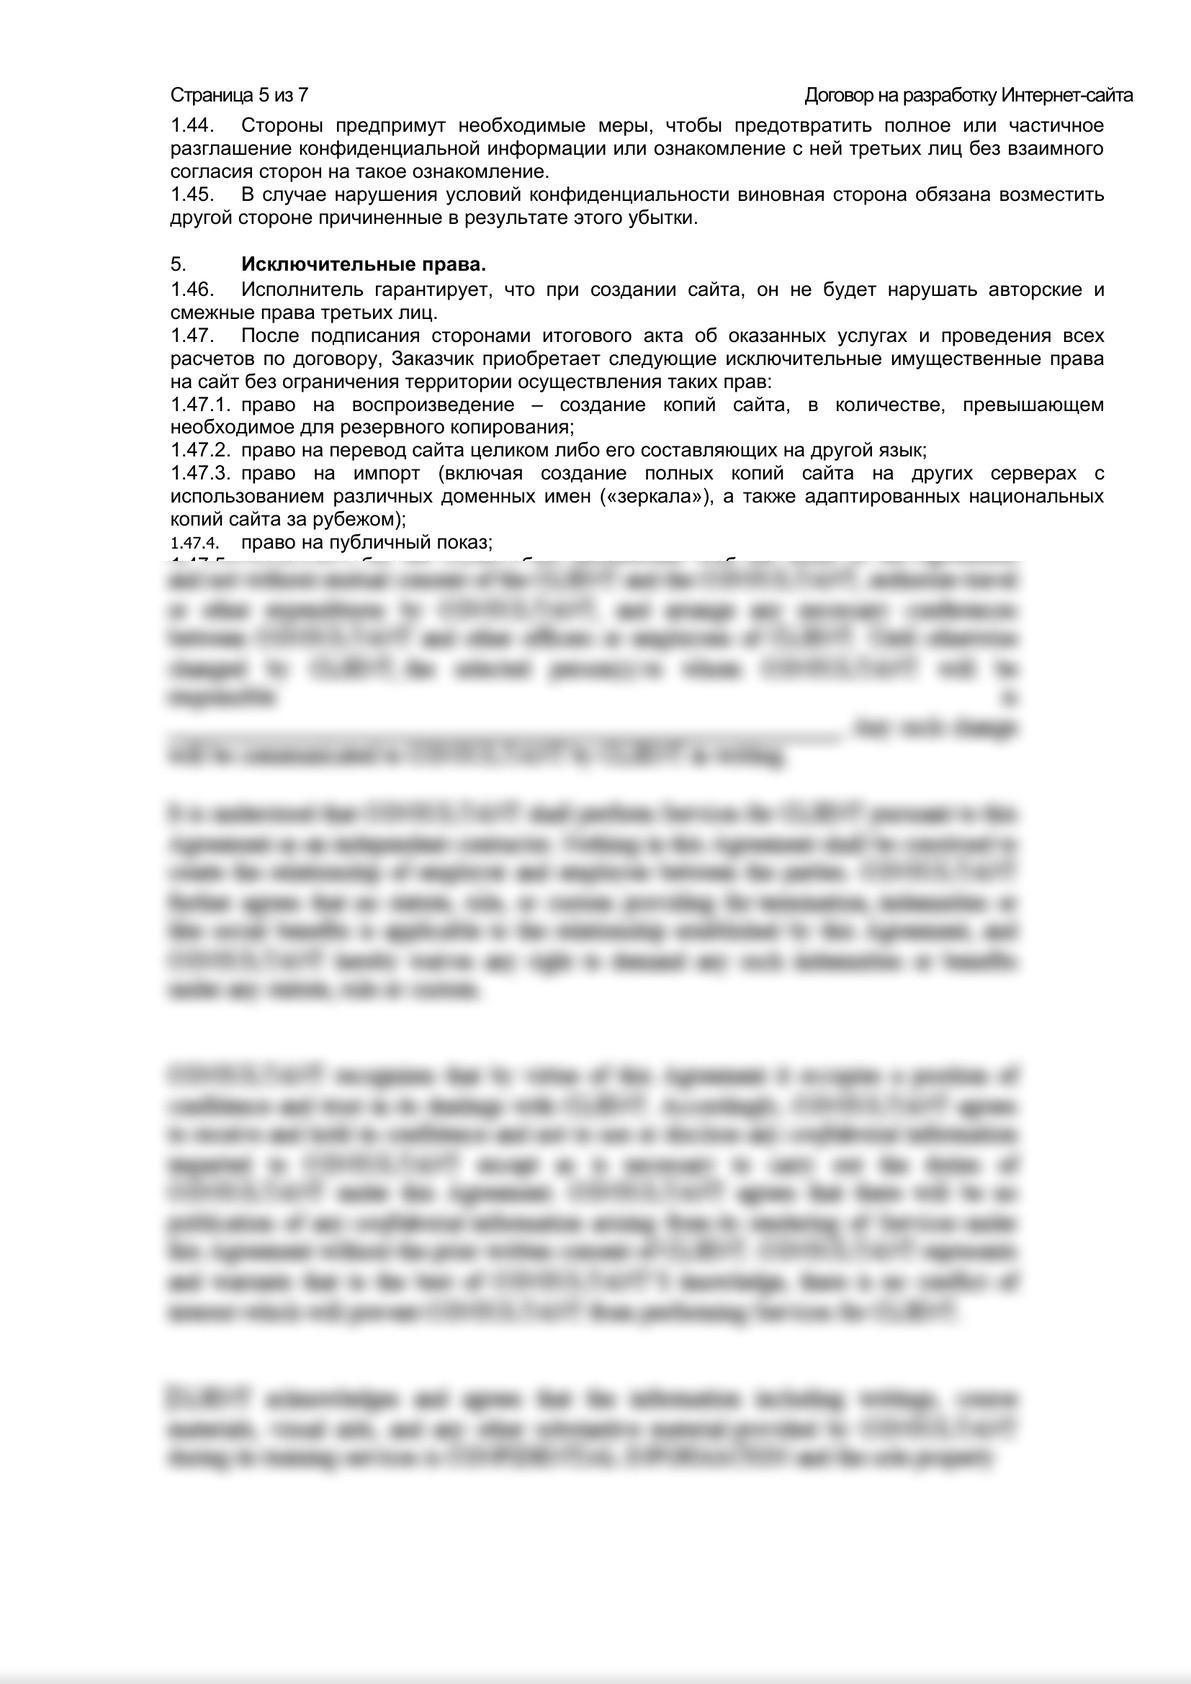 Шаблон договора на разработку Интернет-сайта-4